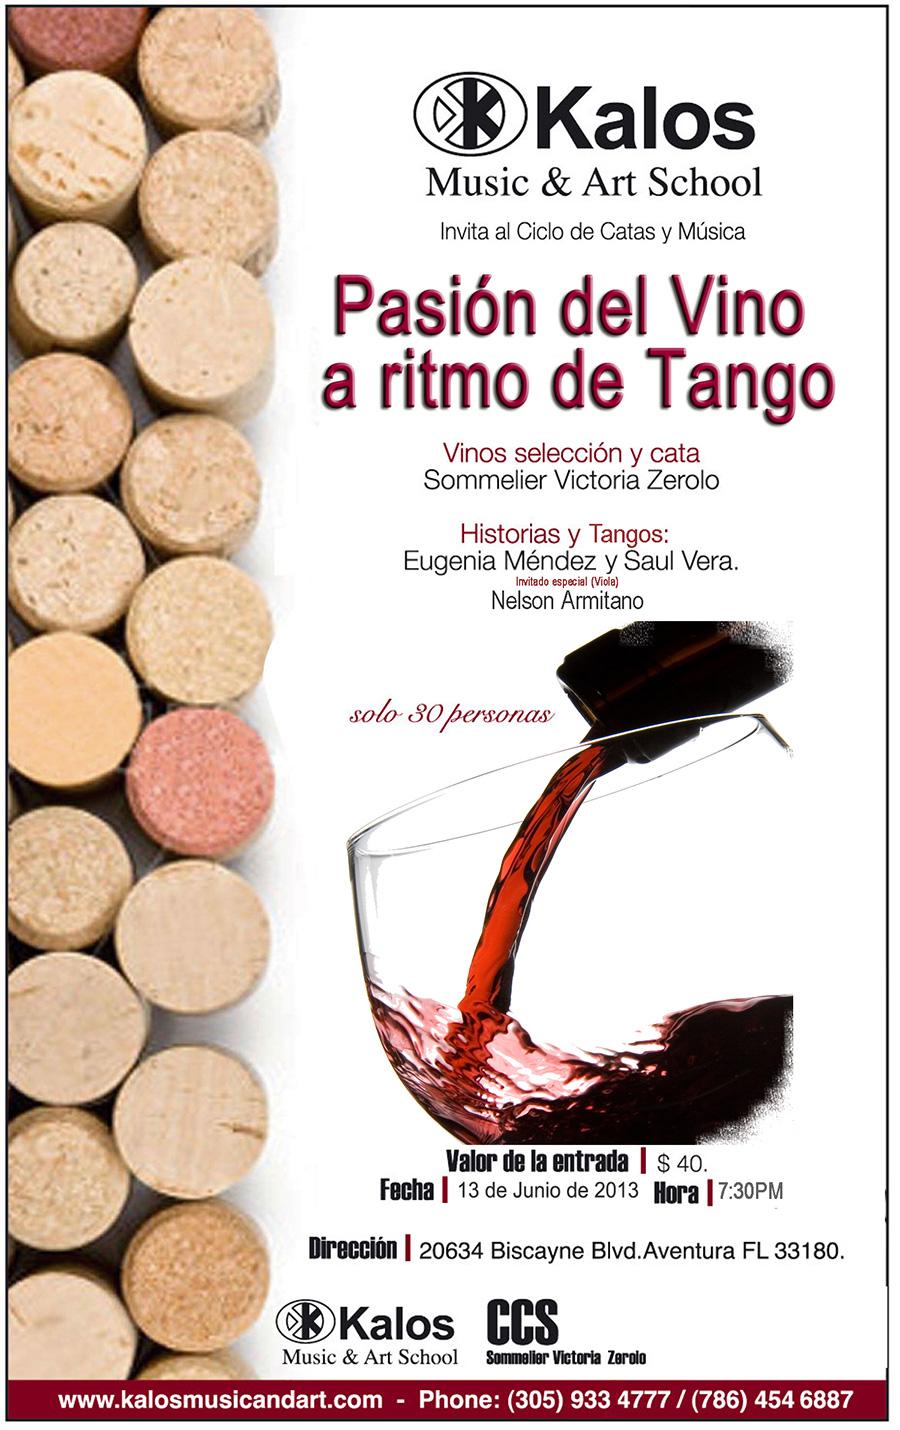 Pasión-del-Vino-a-ritmo-de-Tangos-Jun-13th